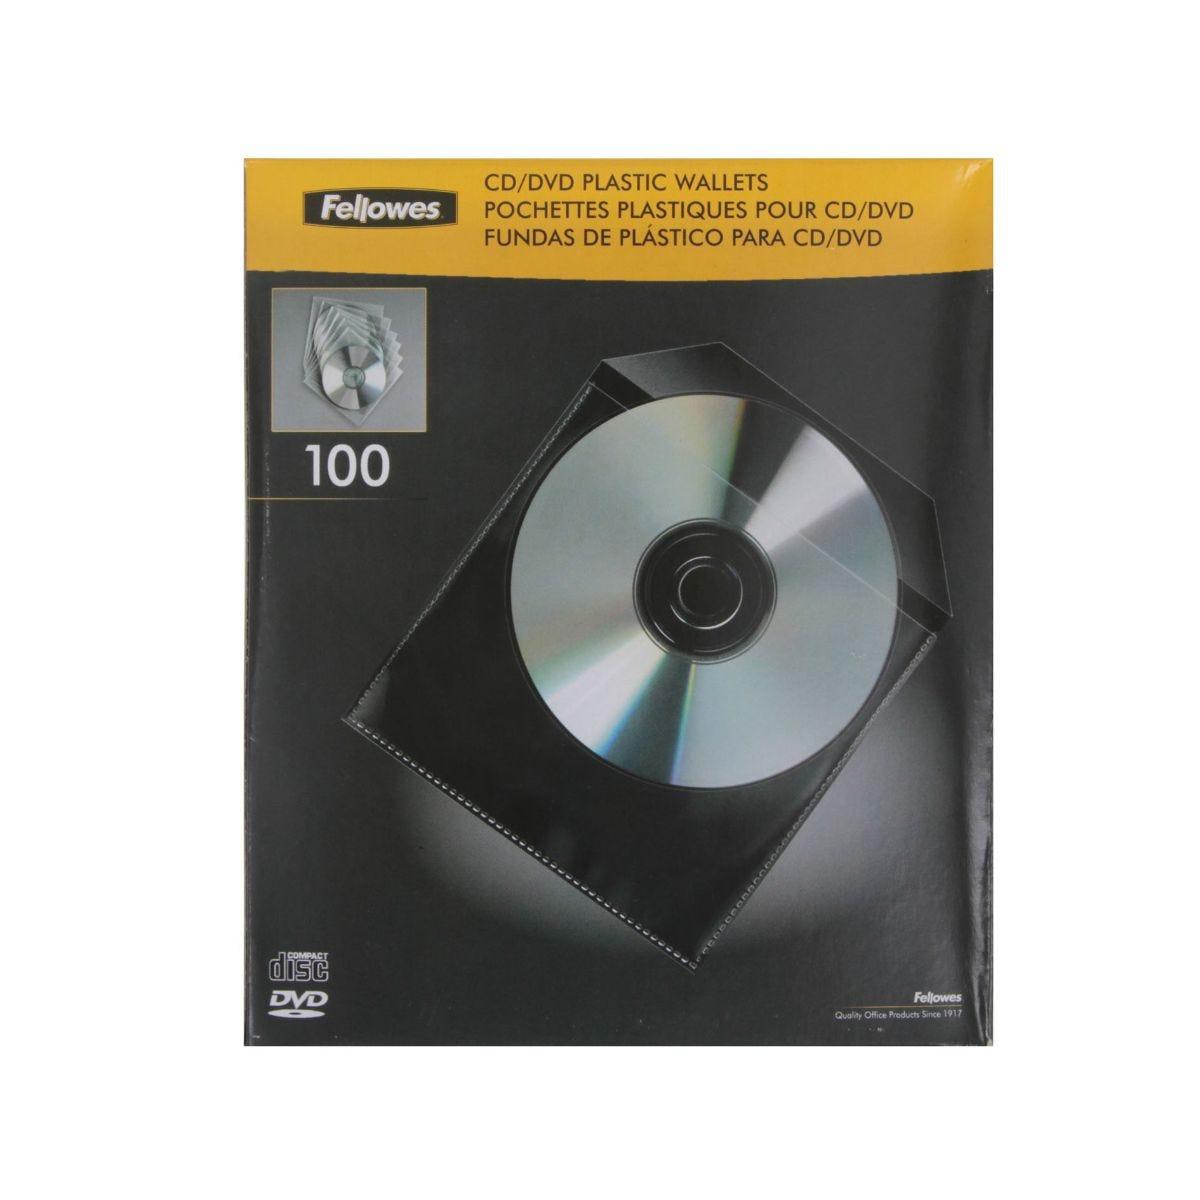 Image of CD Plastic Envelopes 100 Pack